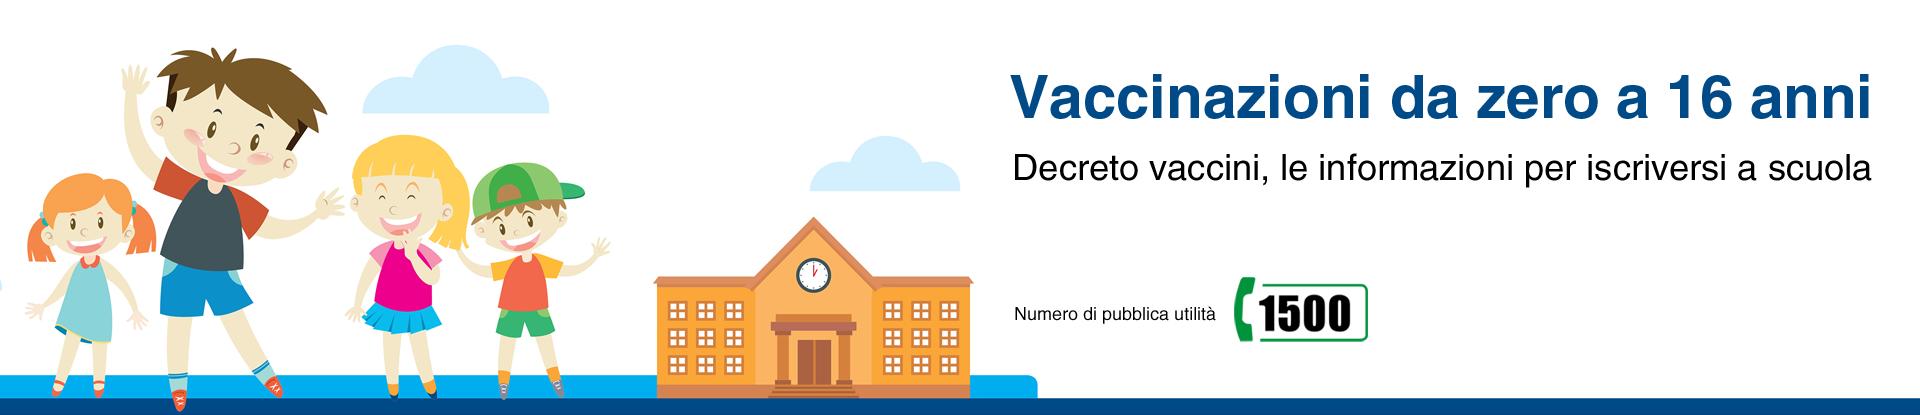 Collegamento al siti tematico Vaccinazioni. Apre una nuova pagina.